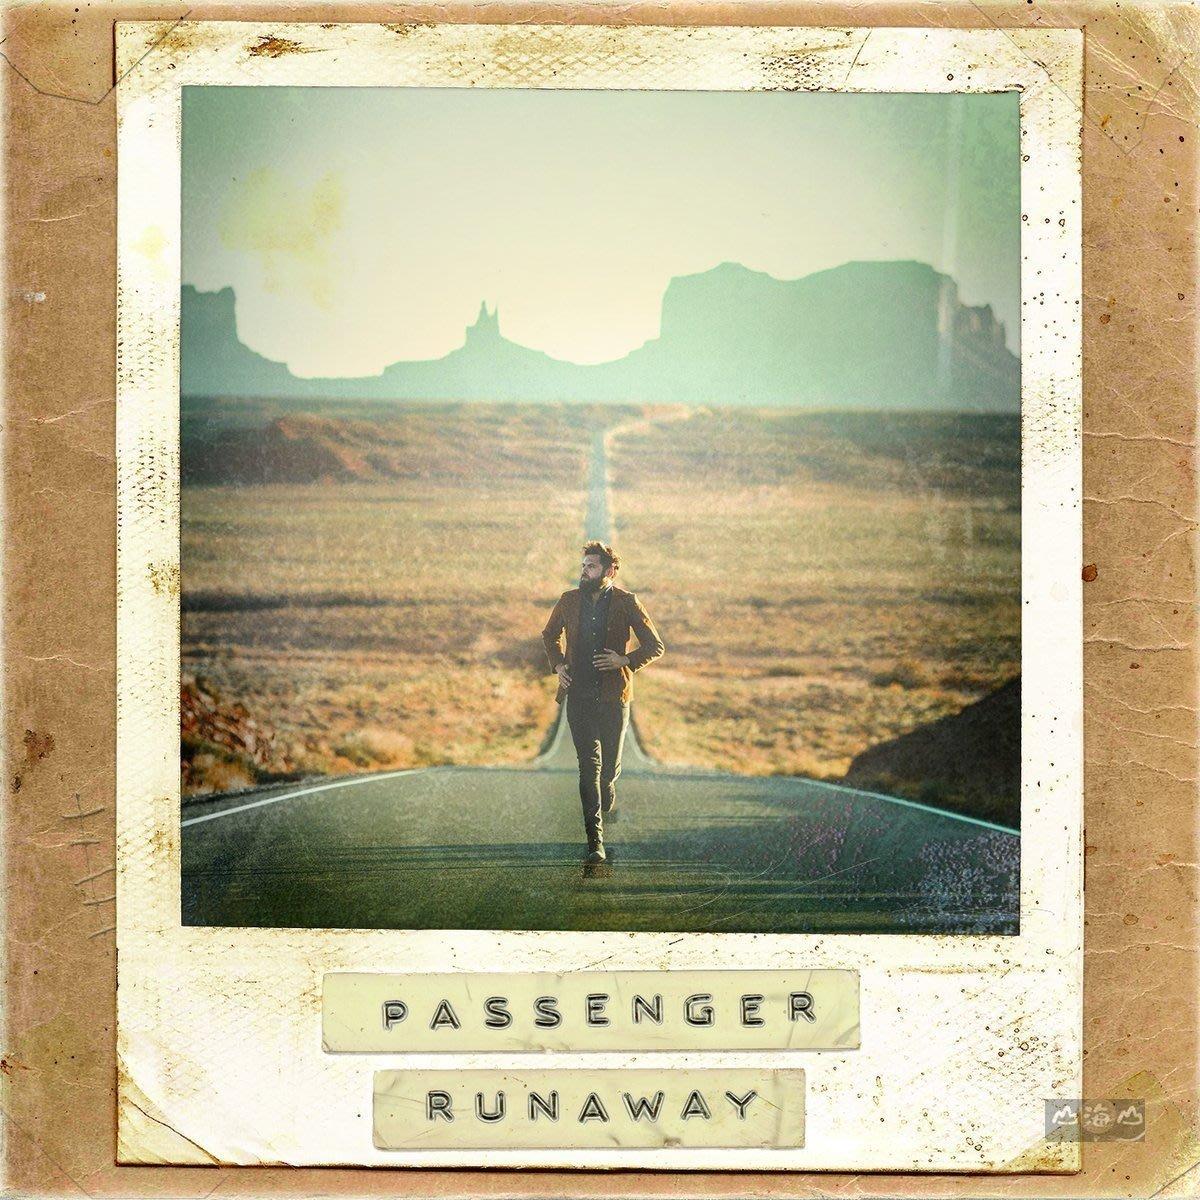 【黑膠唱片LP】Runaway 2LP (豪華版) / 吟遊詩人 Passenger---PASS18VP3